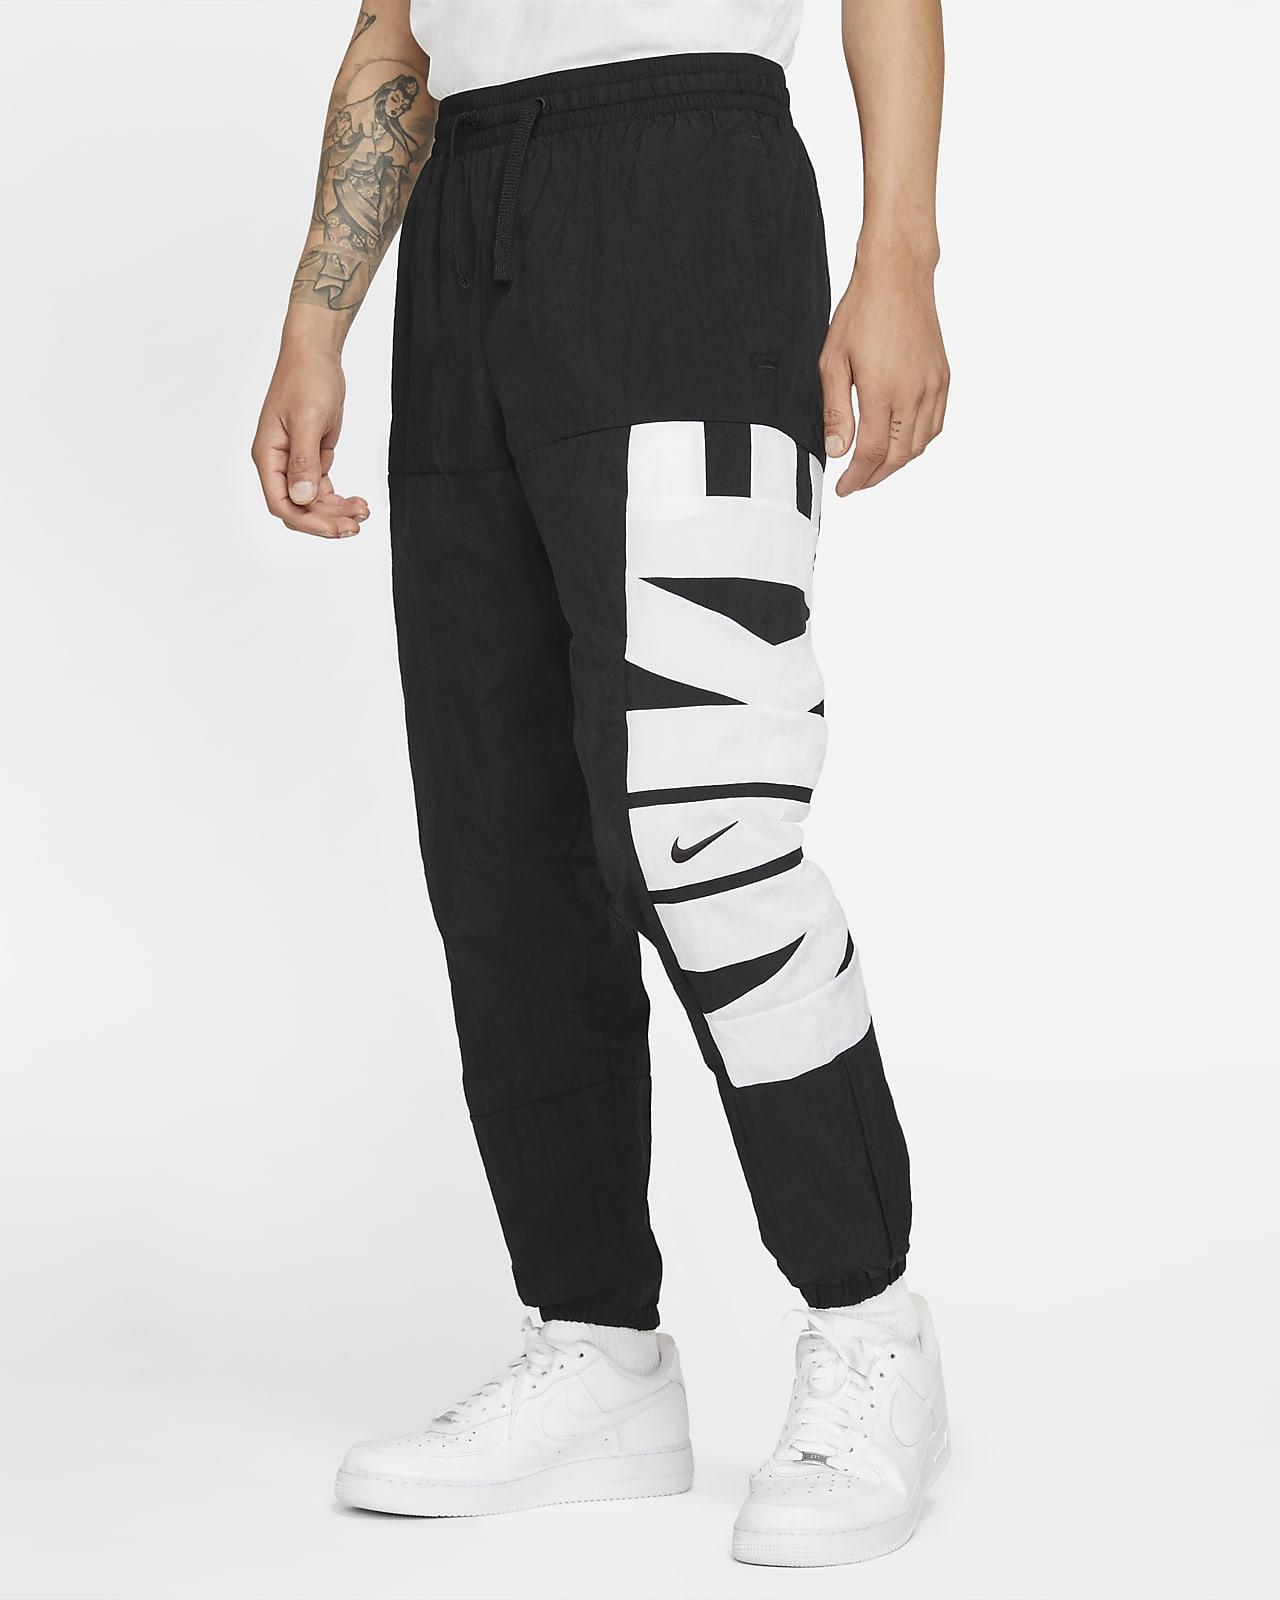 กางเกงบาสเก็ตบอลผู้ชาย Nike Dri-FIT